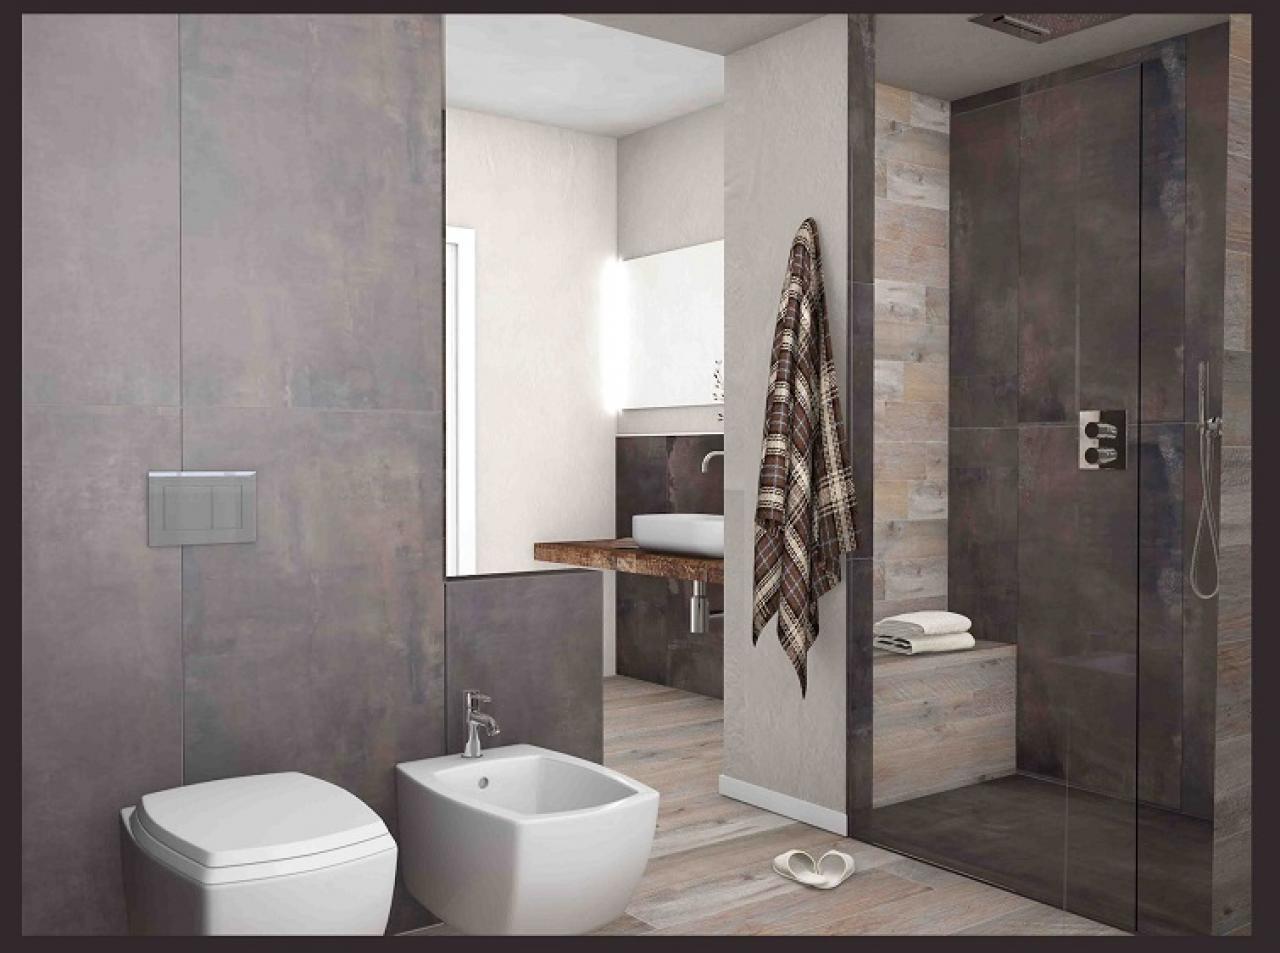 Immagini Di Bagni Moderni bagni moderni: i progetti | fratelli pellizzari